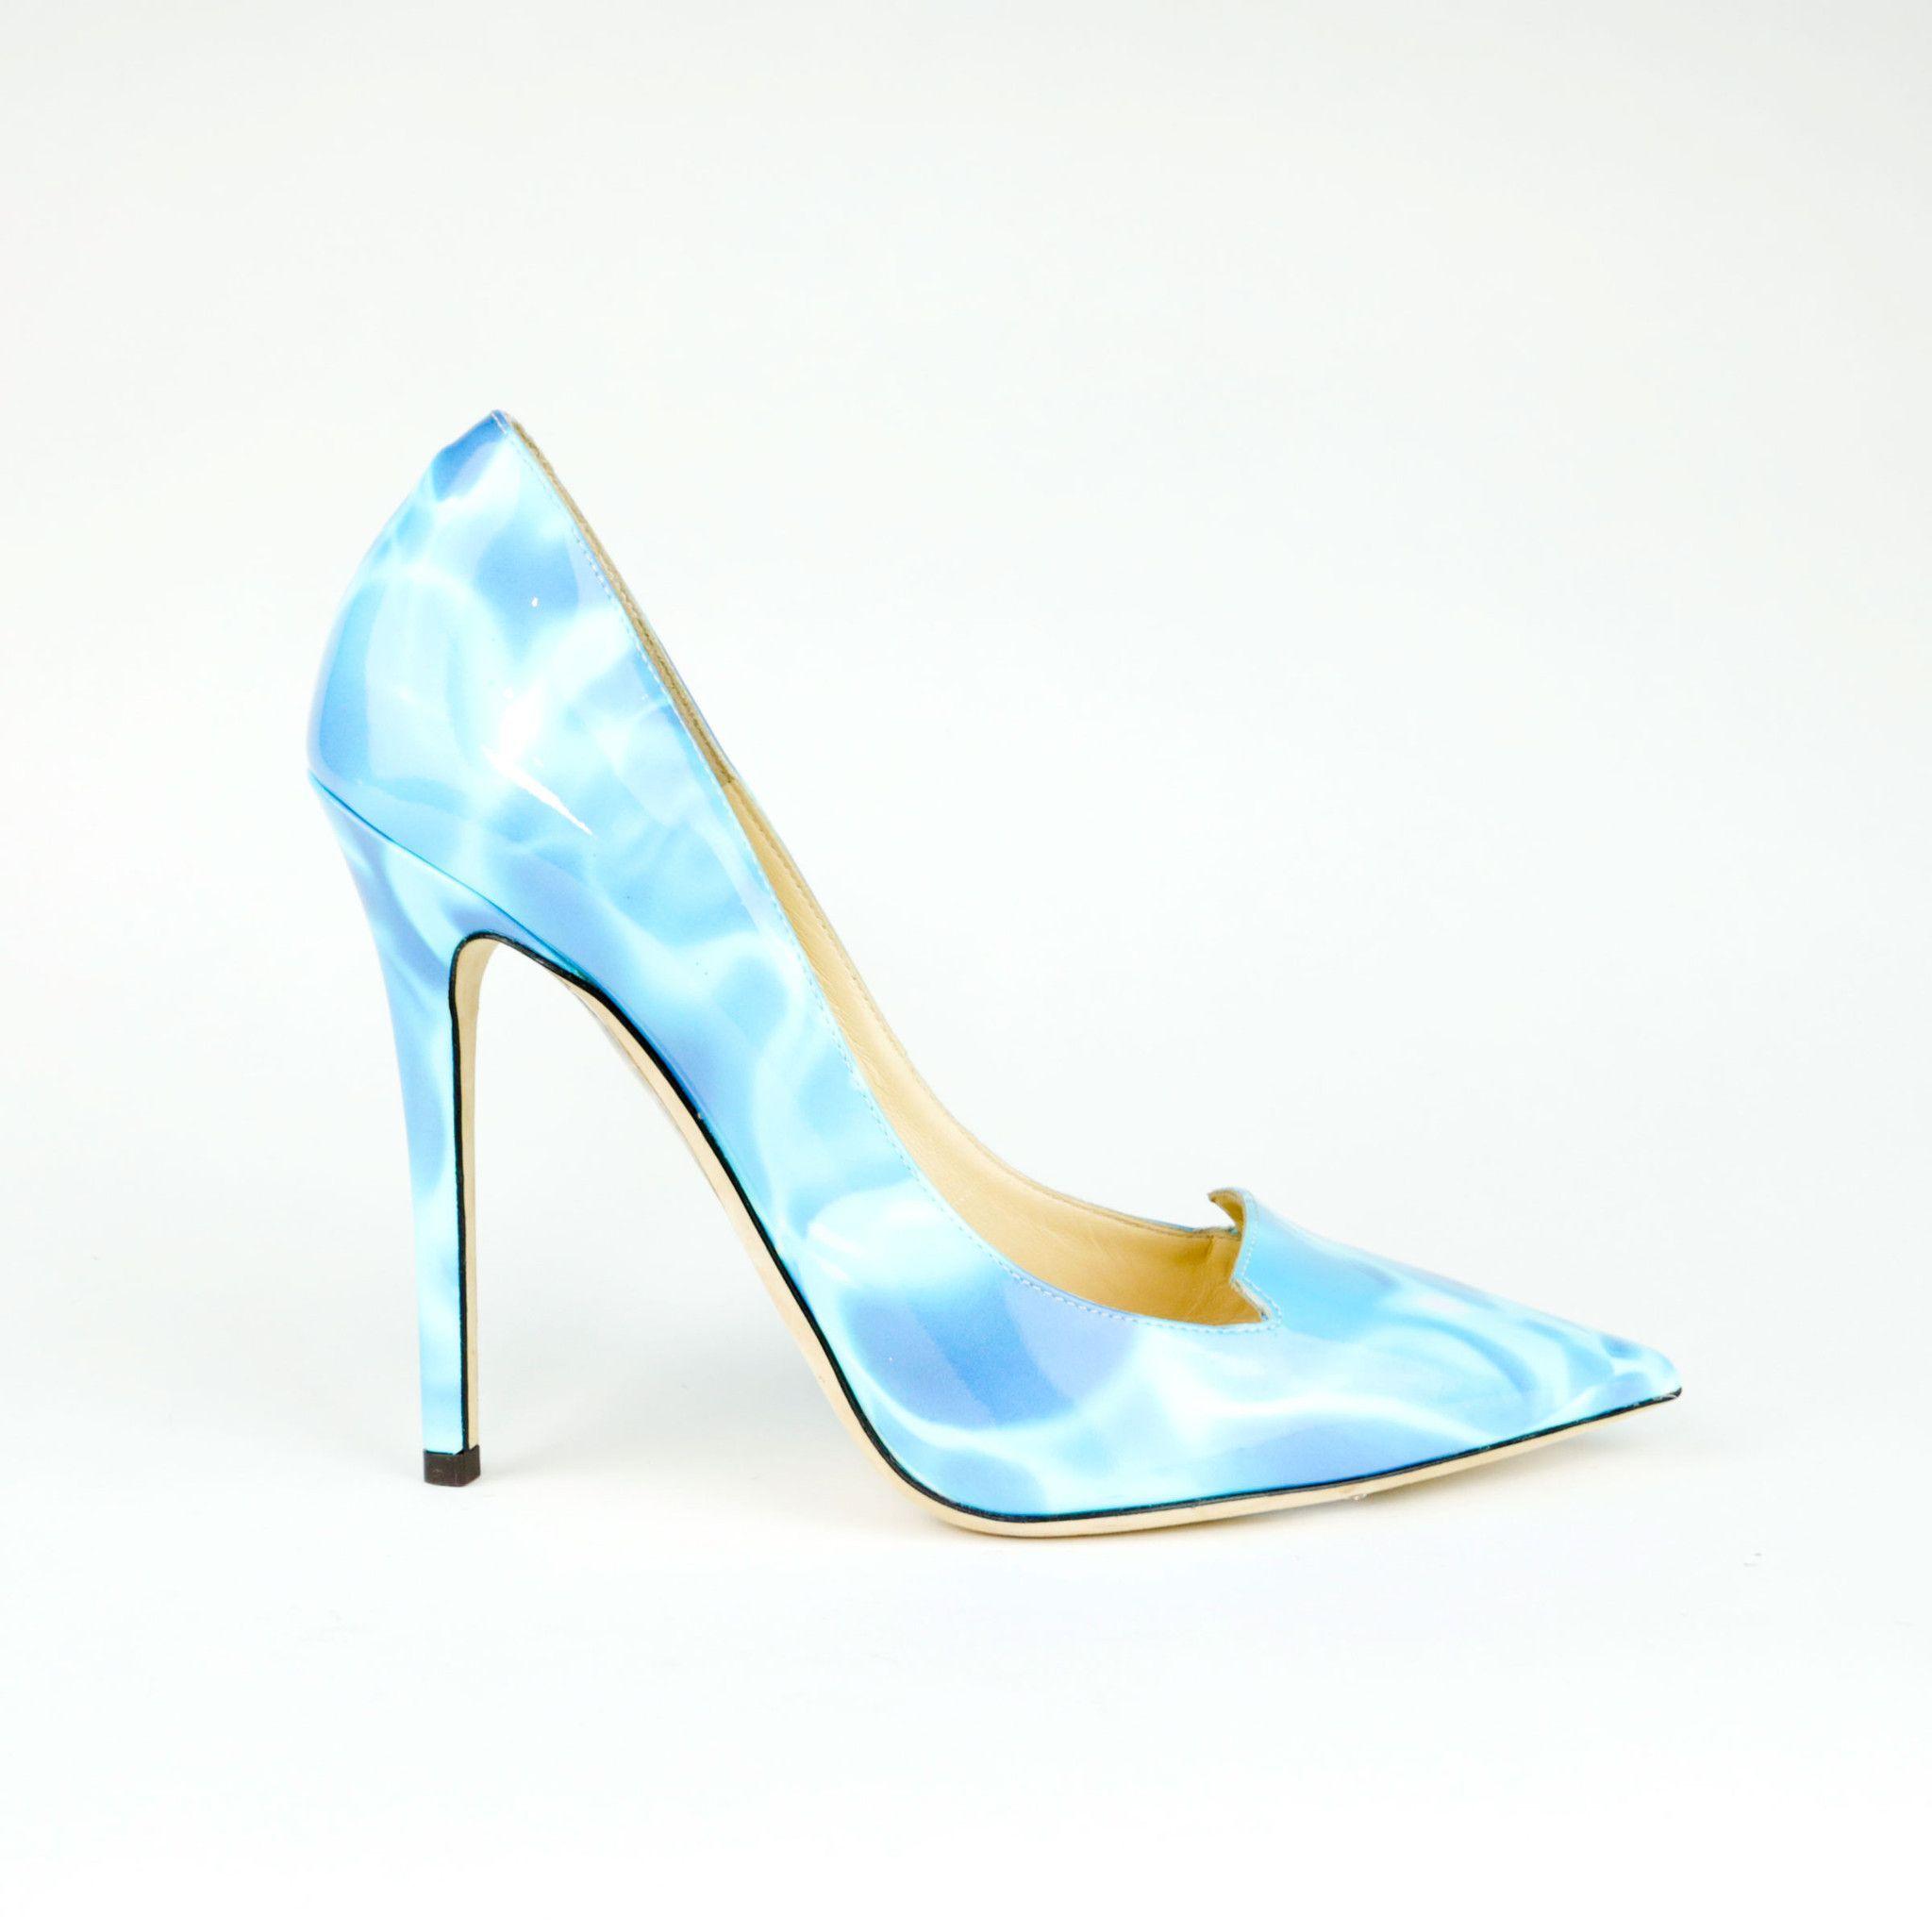 50f2cb8a008 Jimmy Choo Blue  Water  Heel Pump